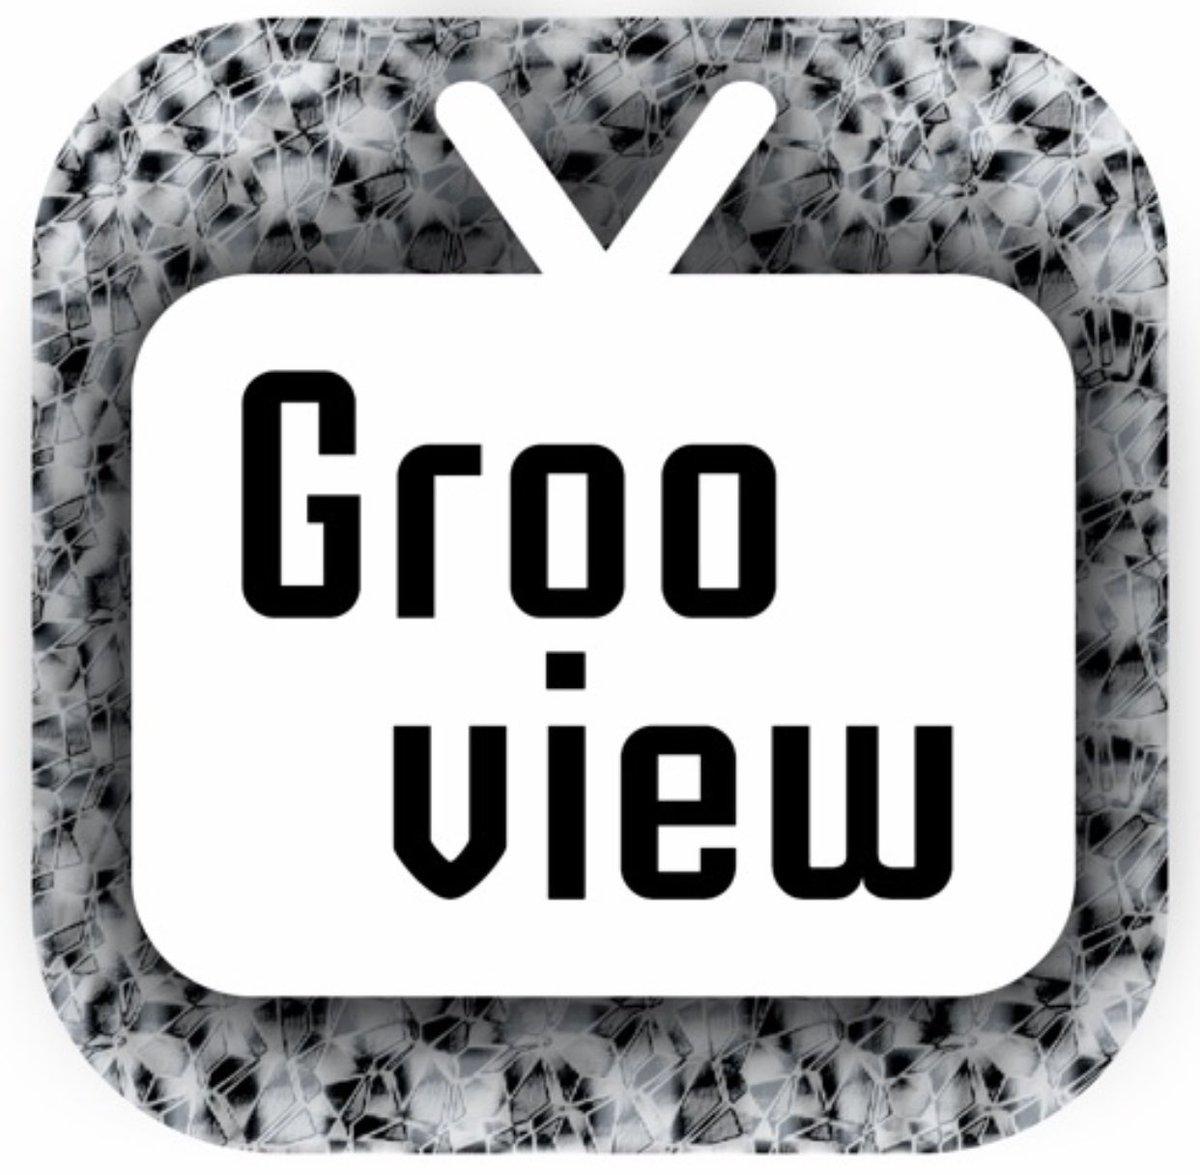 test ツイッターメディア - 今シーズンもご来場頂いたお客様限定で動画アプリ「Grooview」を使用した無料配信サービスを実施します‼️ パスワード sf2021 1ch:場内ビジョン映像 2ch:計時モニター映像 がご覧頂けます📣 3ch:サテライトスタジオはYouTube生配信で場外の方もご覧頂けます。 ぜひご視聴下さい❗️ #SFormula https://t.co/Ti9l2xNjg5